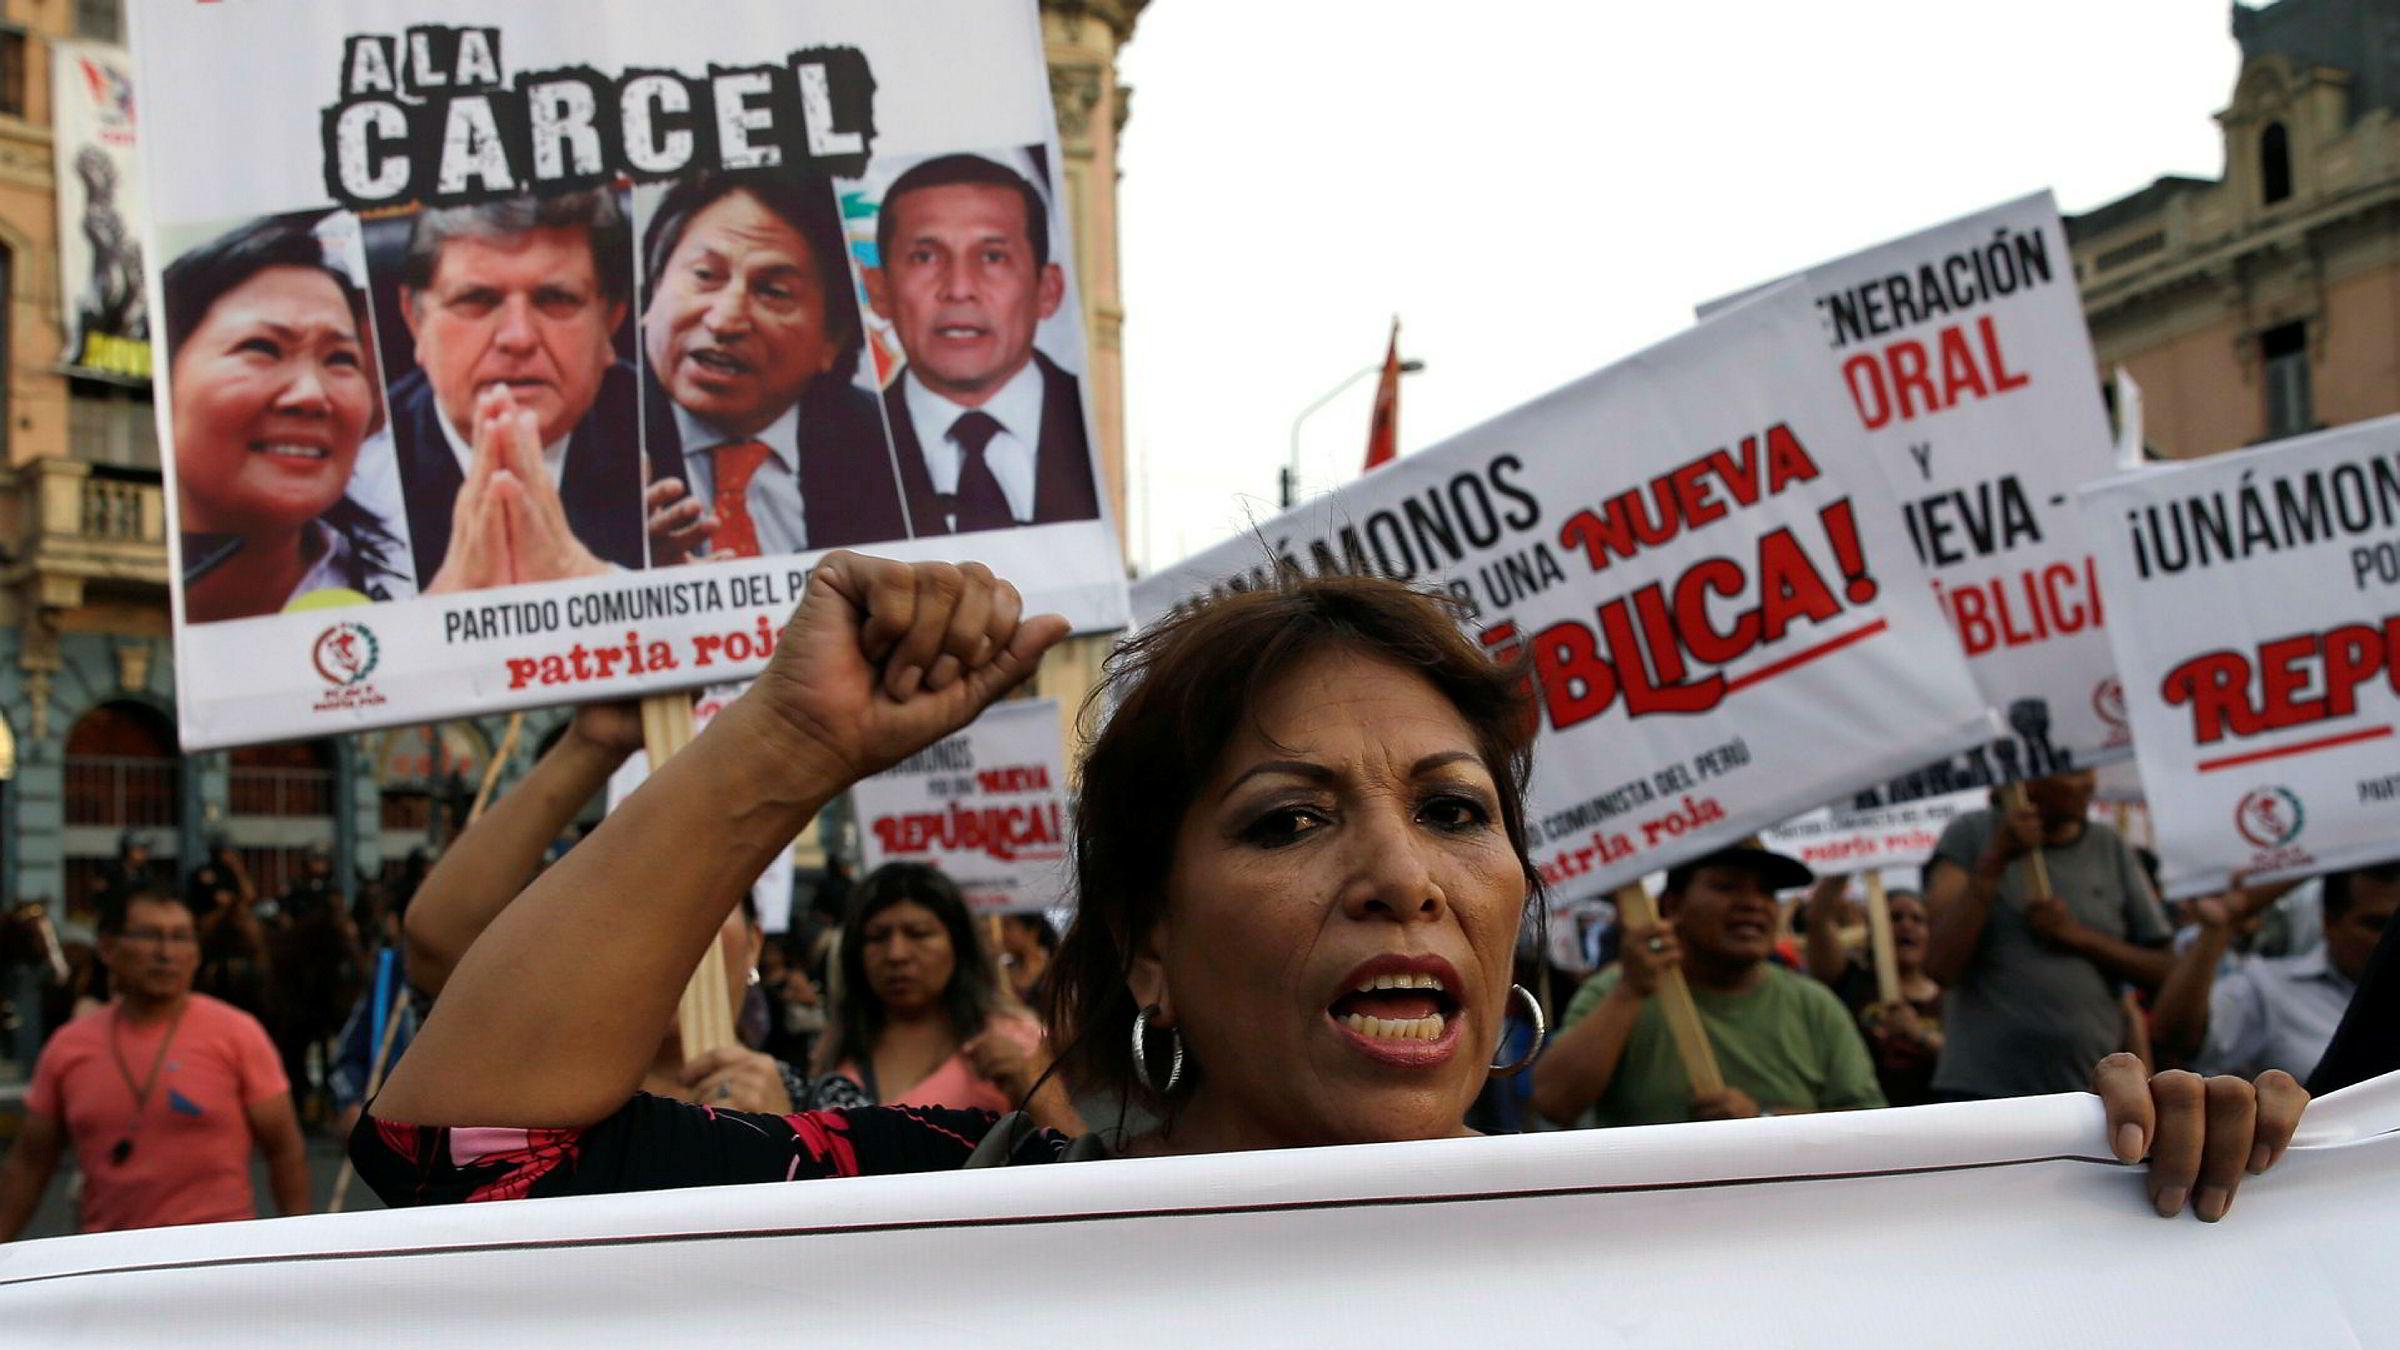 Protester i Perus hovedstad Lima denne uken. Demonstrantene krever at tre tidligere presidenter fengsles for korrupsjon i forbindelse med Odebrecht-skandalen.